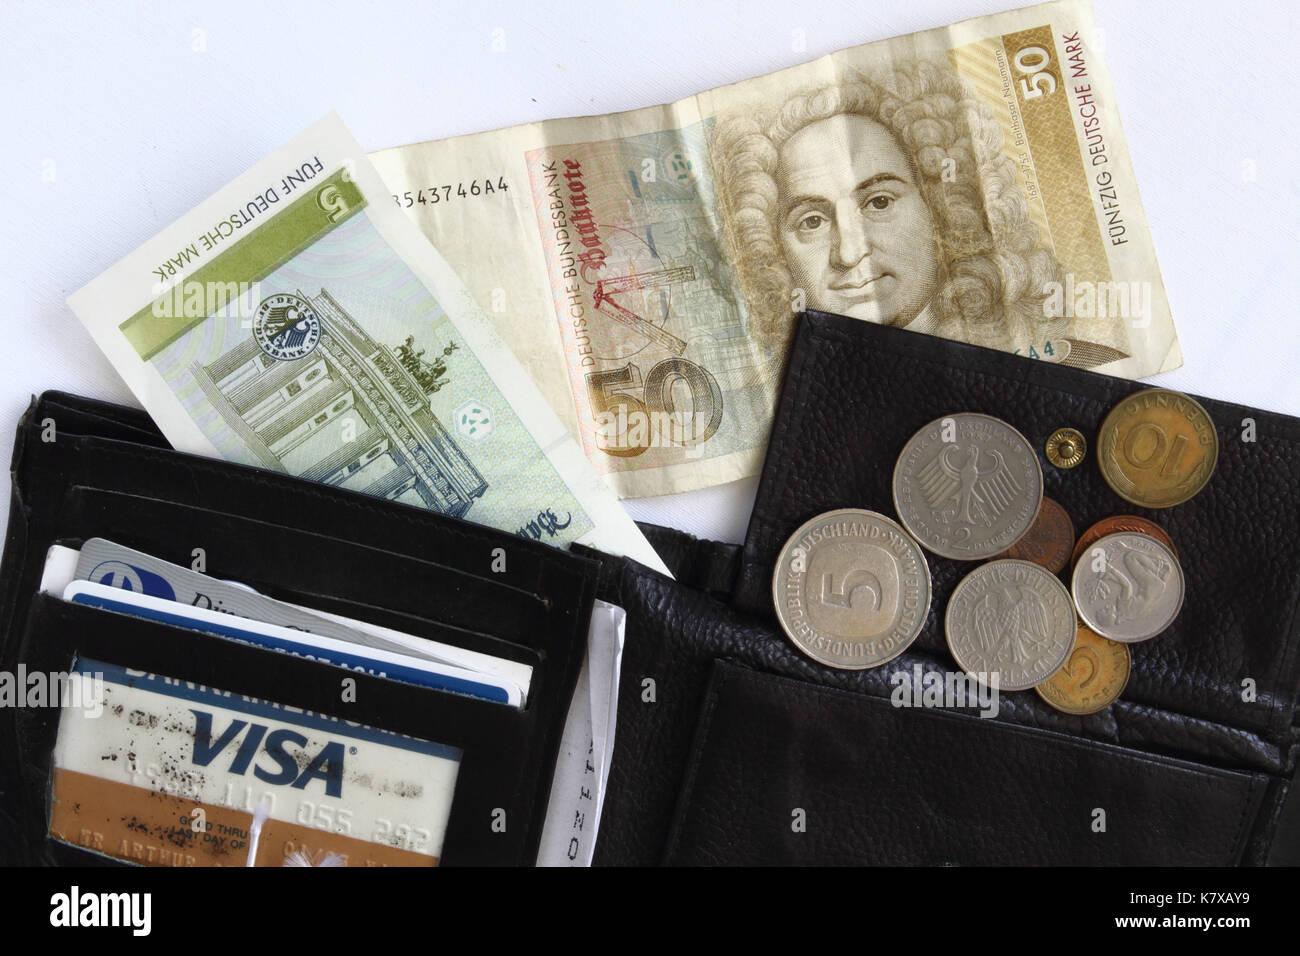 schwarze Geldbörse mit D-Mark (Scheine 5 und 50, Münzen), und Visa-Karte; black purse with Deutschmark in notes and coins - Stock Image